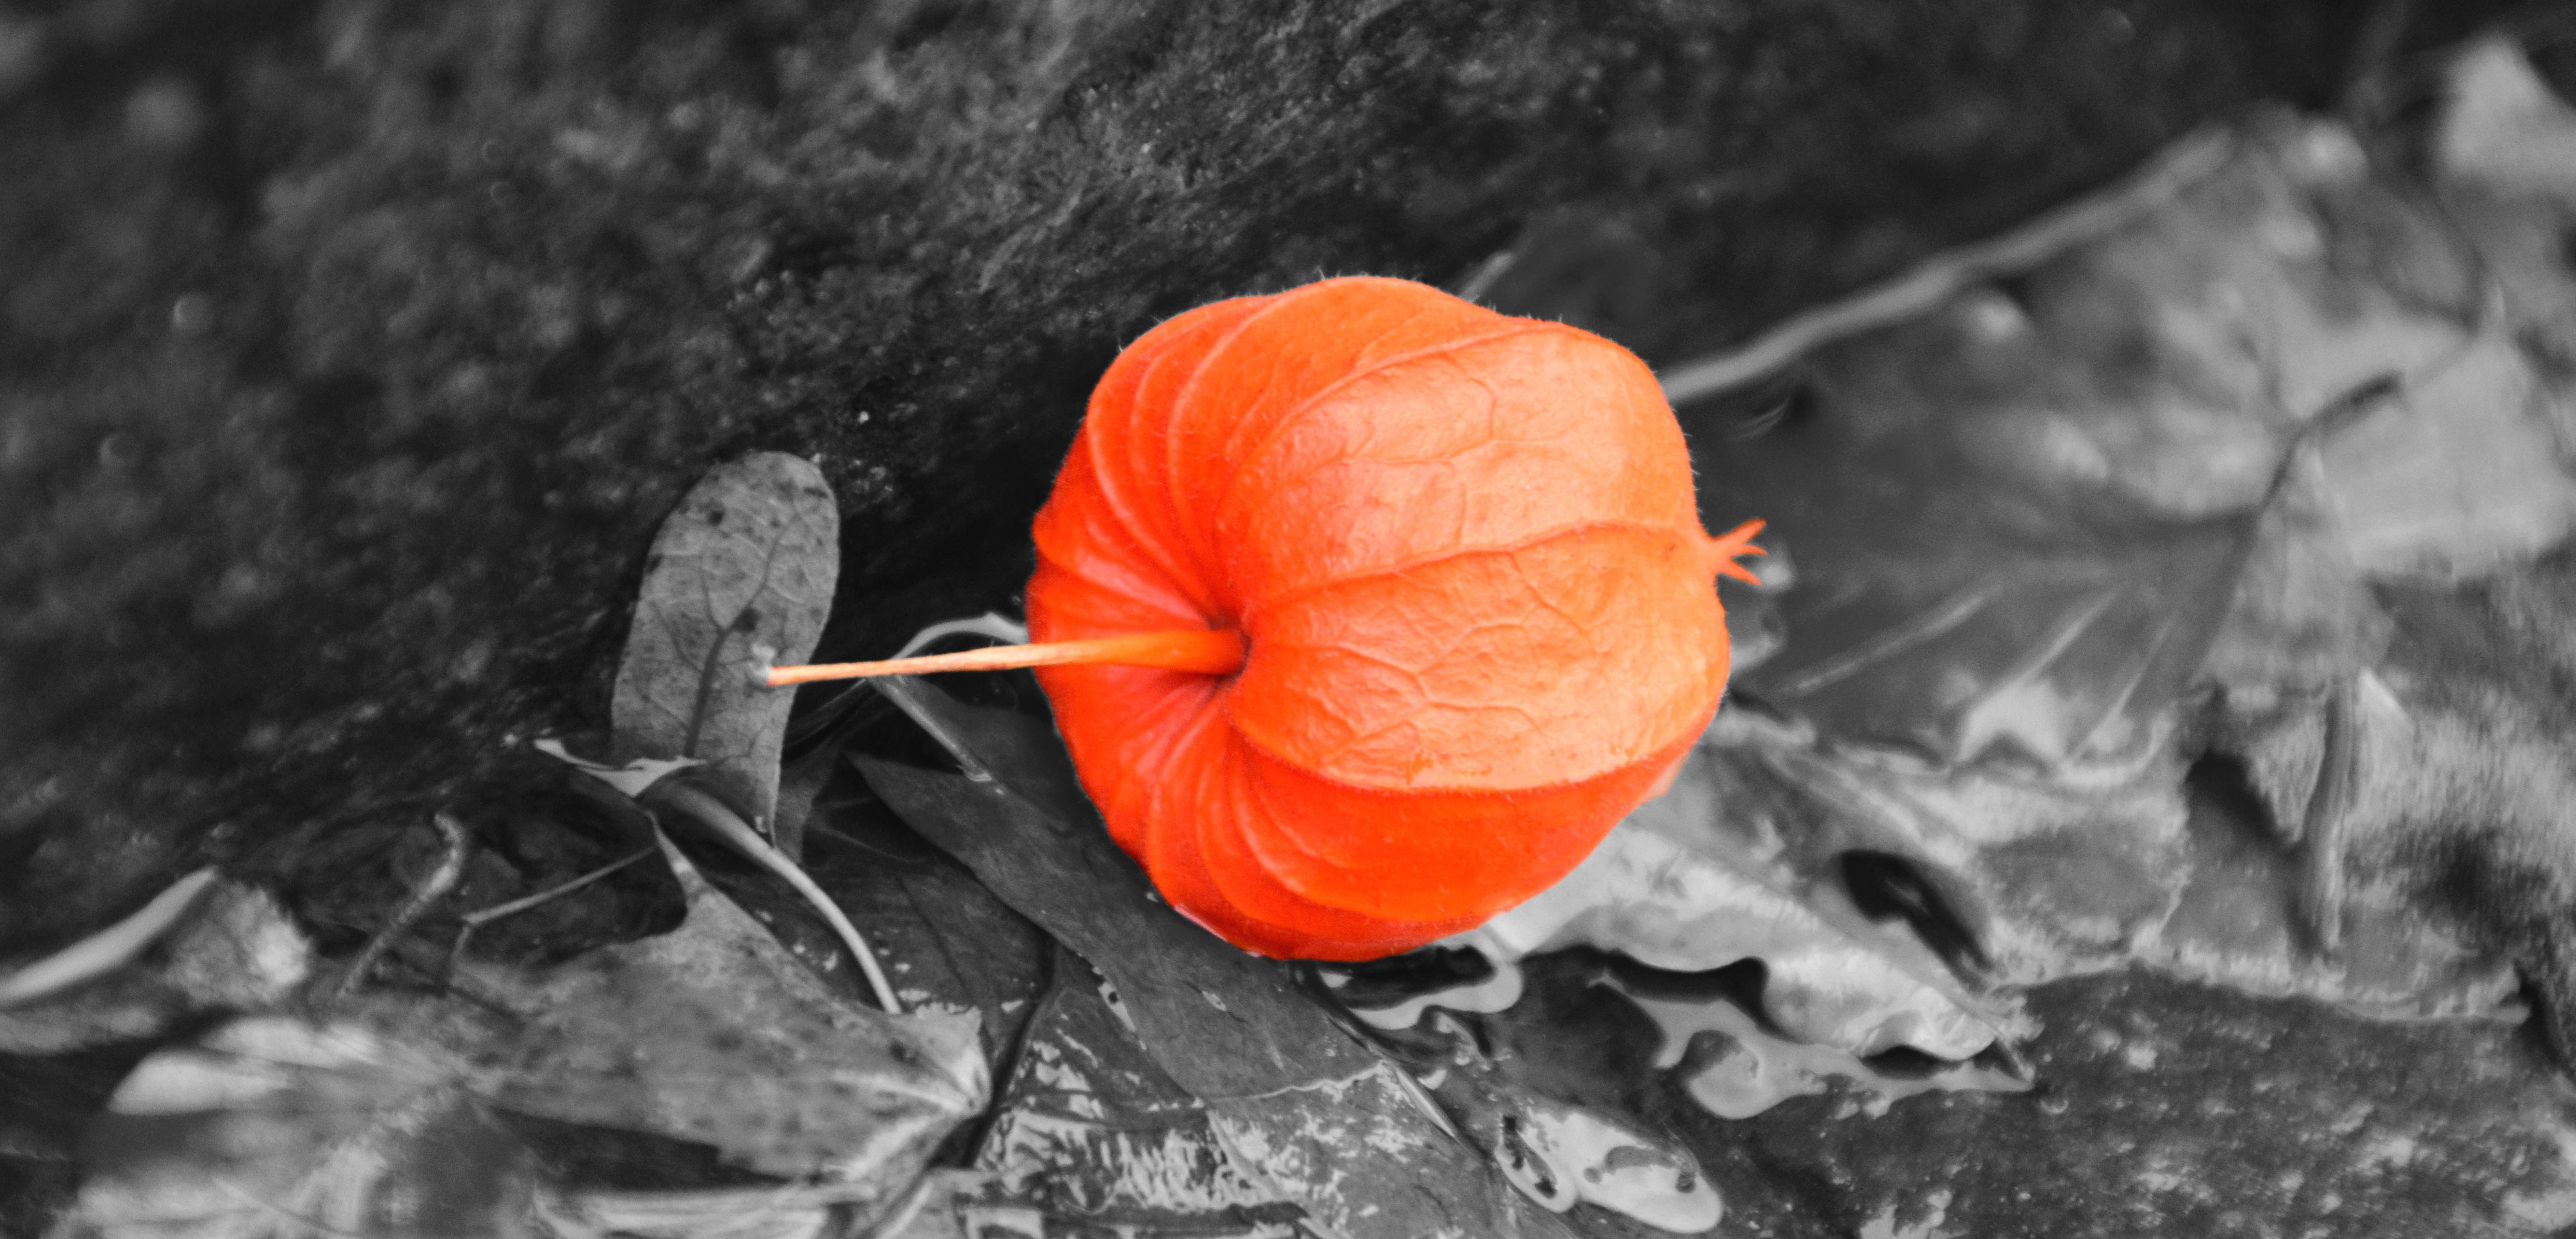 Kostenlose Bild: orange Farbe, Blatt, Herbst, künstlerisch, Fotomontage